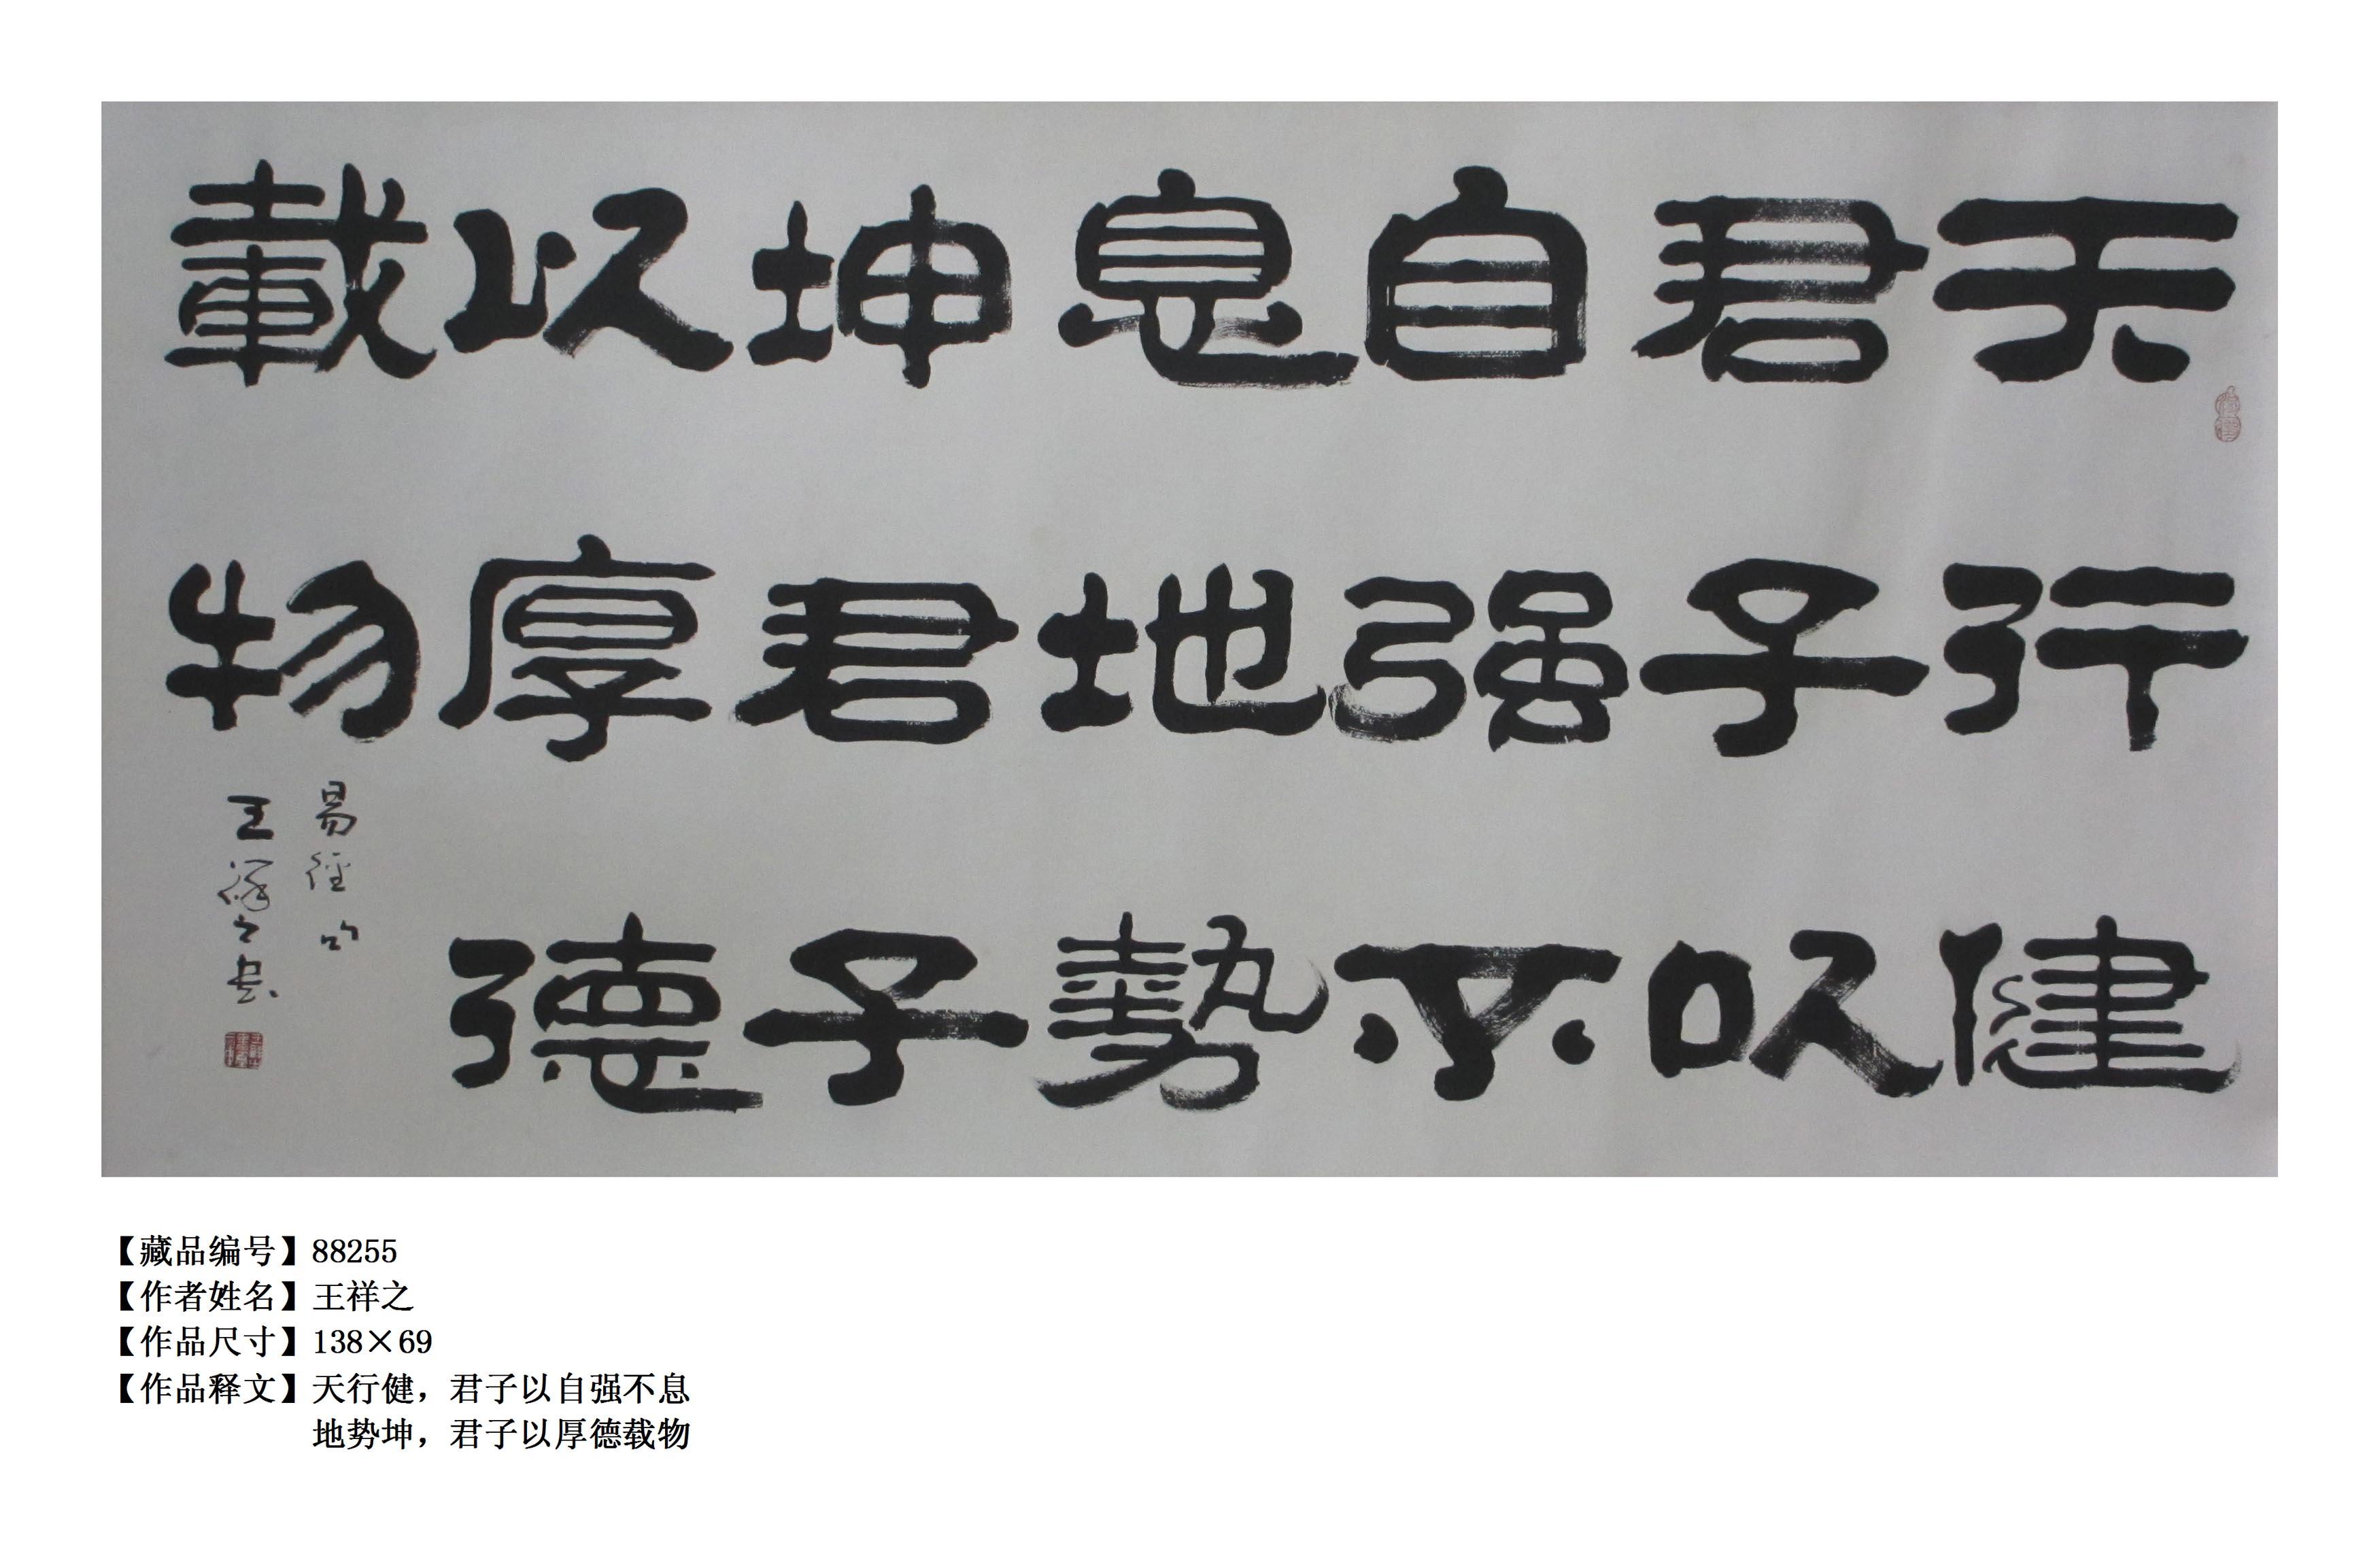 王祥之 书画作品图片